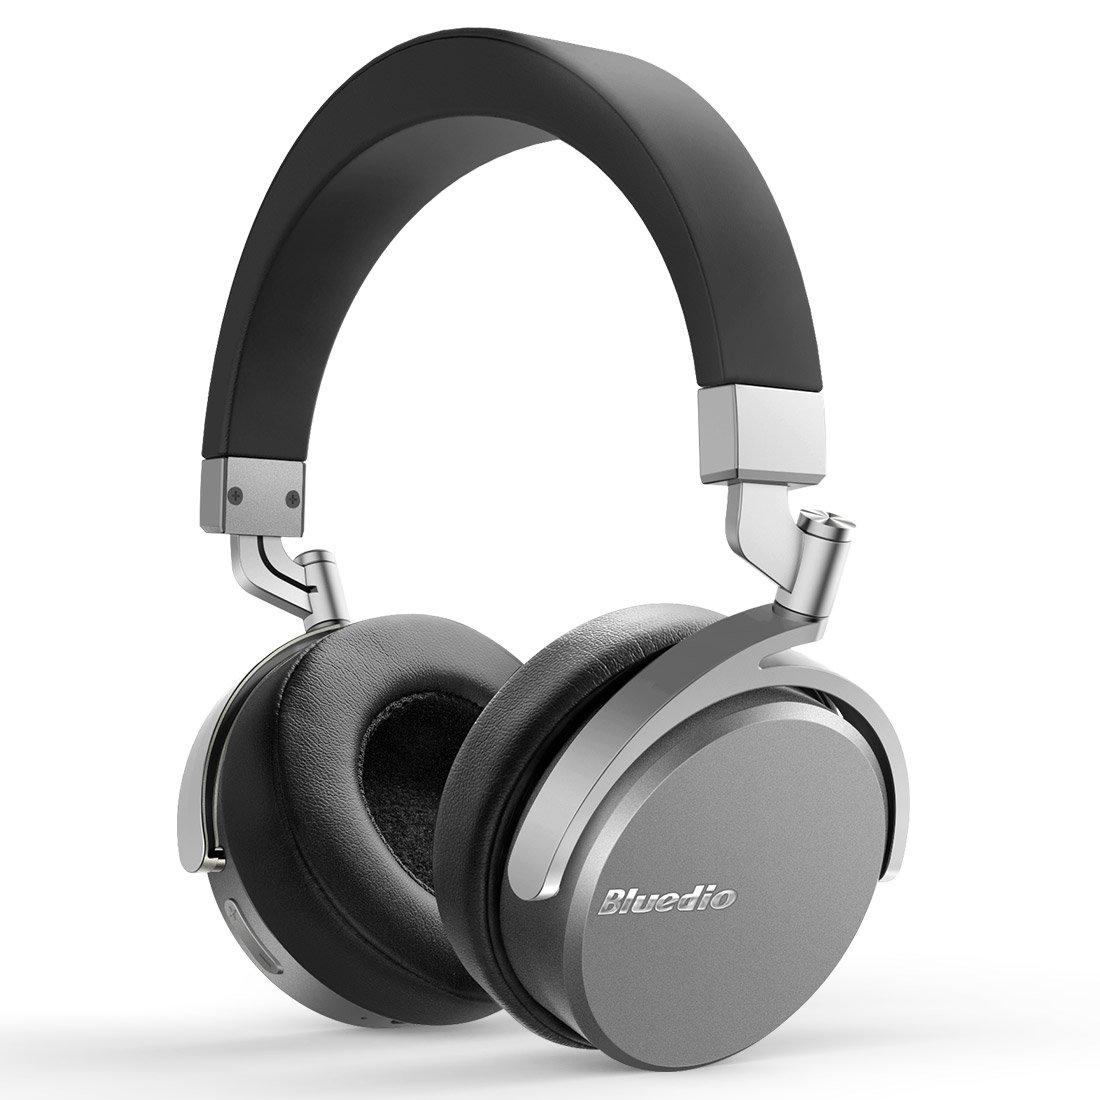 Bluedio Vinyl Cuffie Bluetooth 4.1 On Ear Stereo Con Microfono (Nero e Argento)